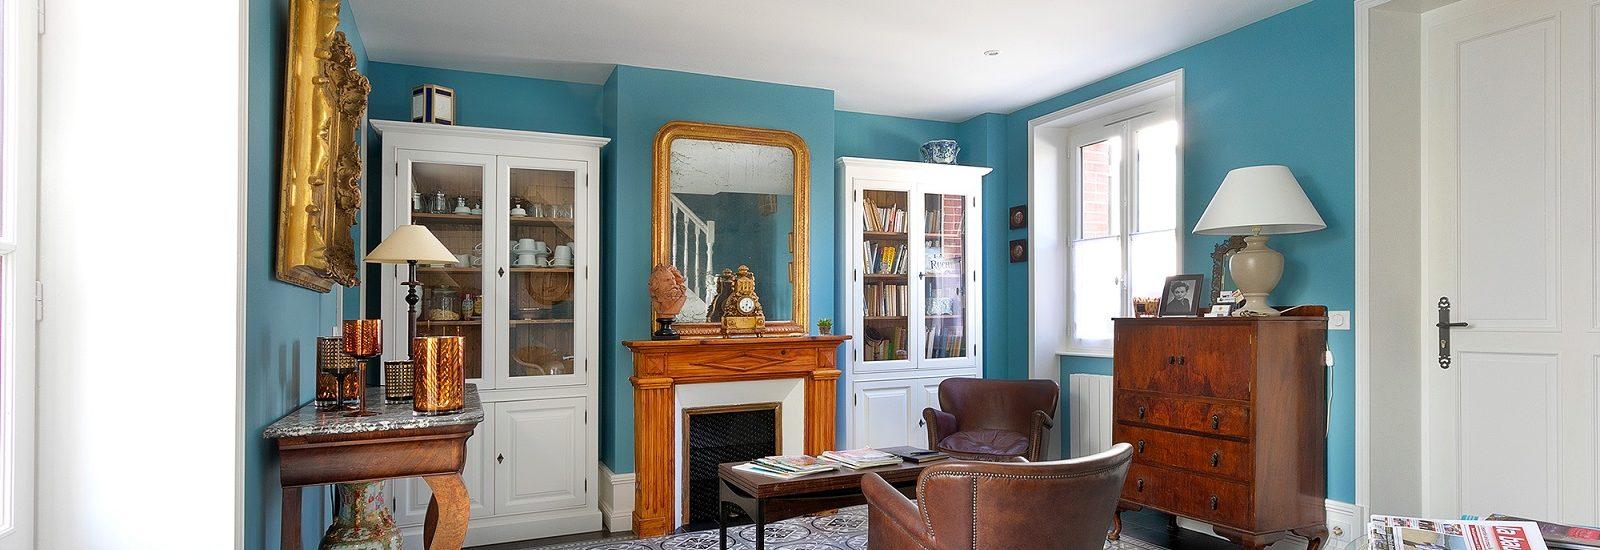 salon villa la ruche chambre d'hôtes charme luxe haut de gamme la baule plage benoit